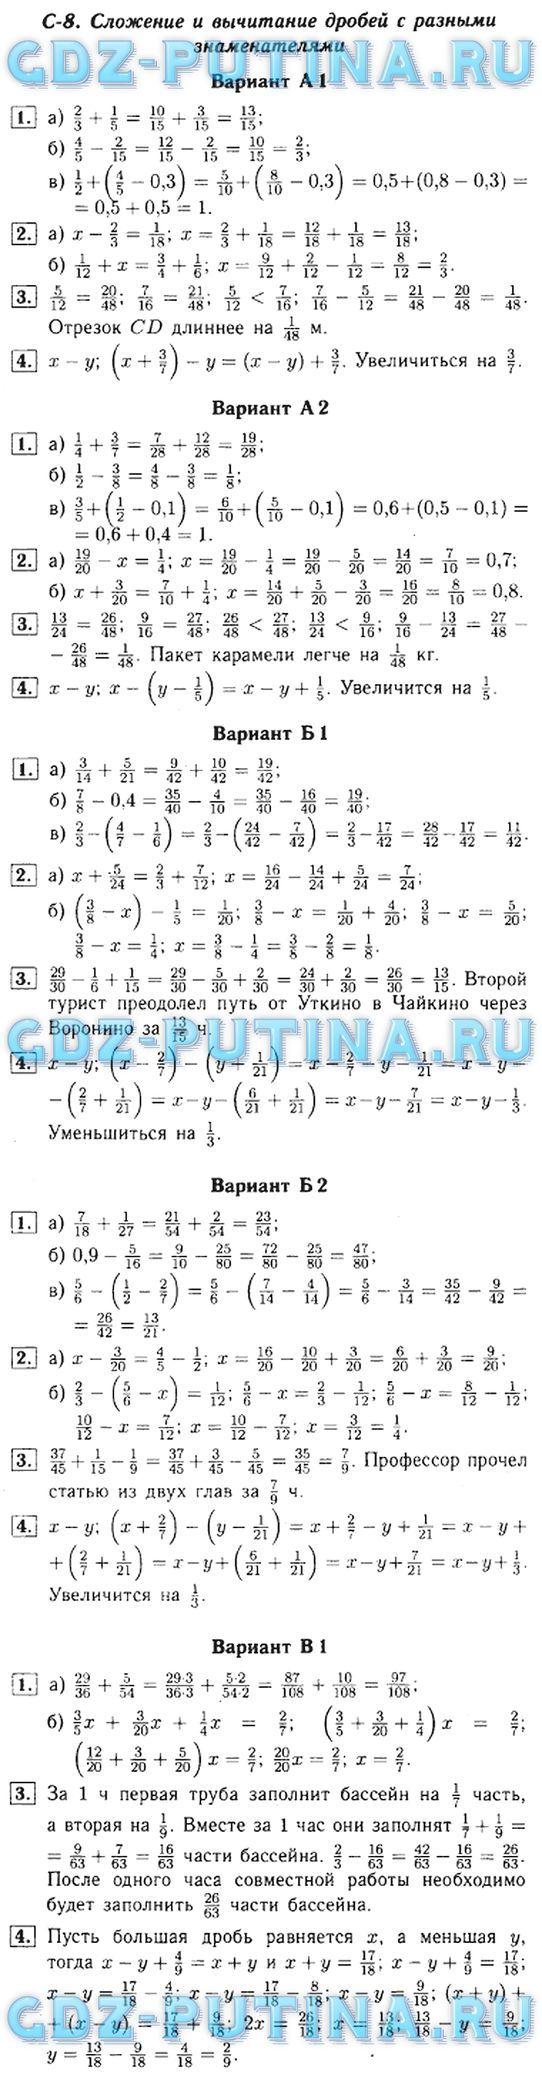 Гдз по русскому языку практика 7-6 пименова орлова